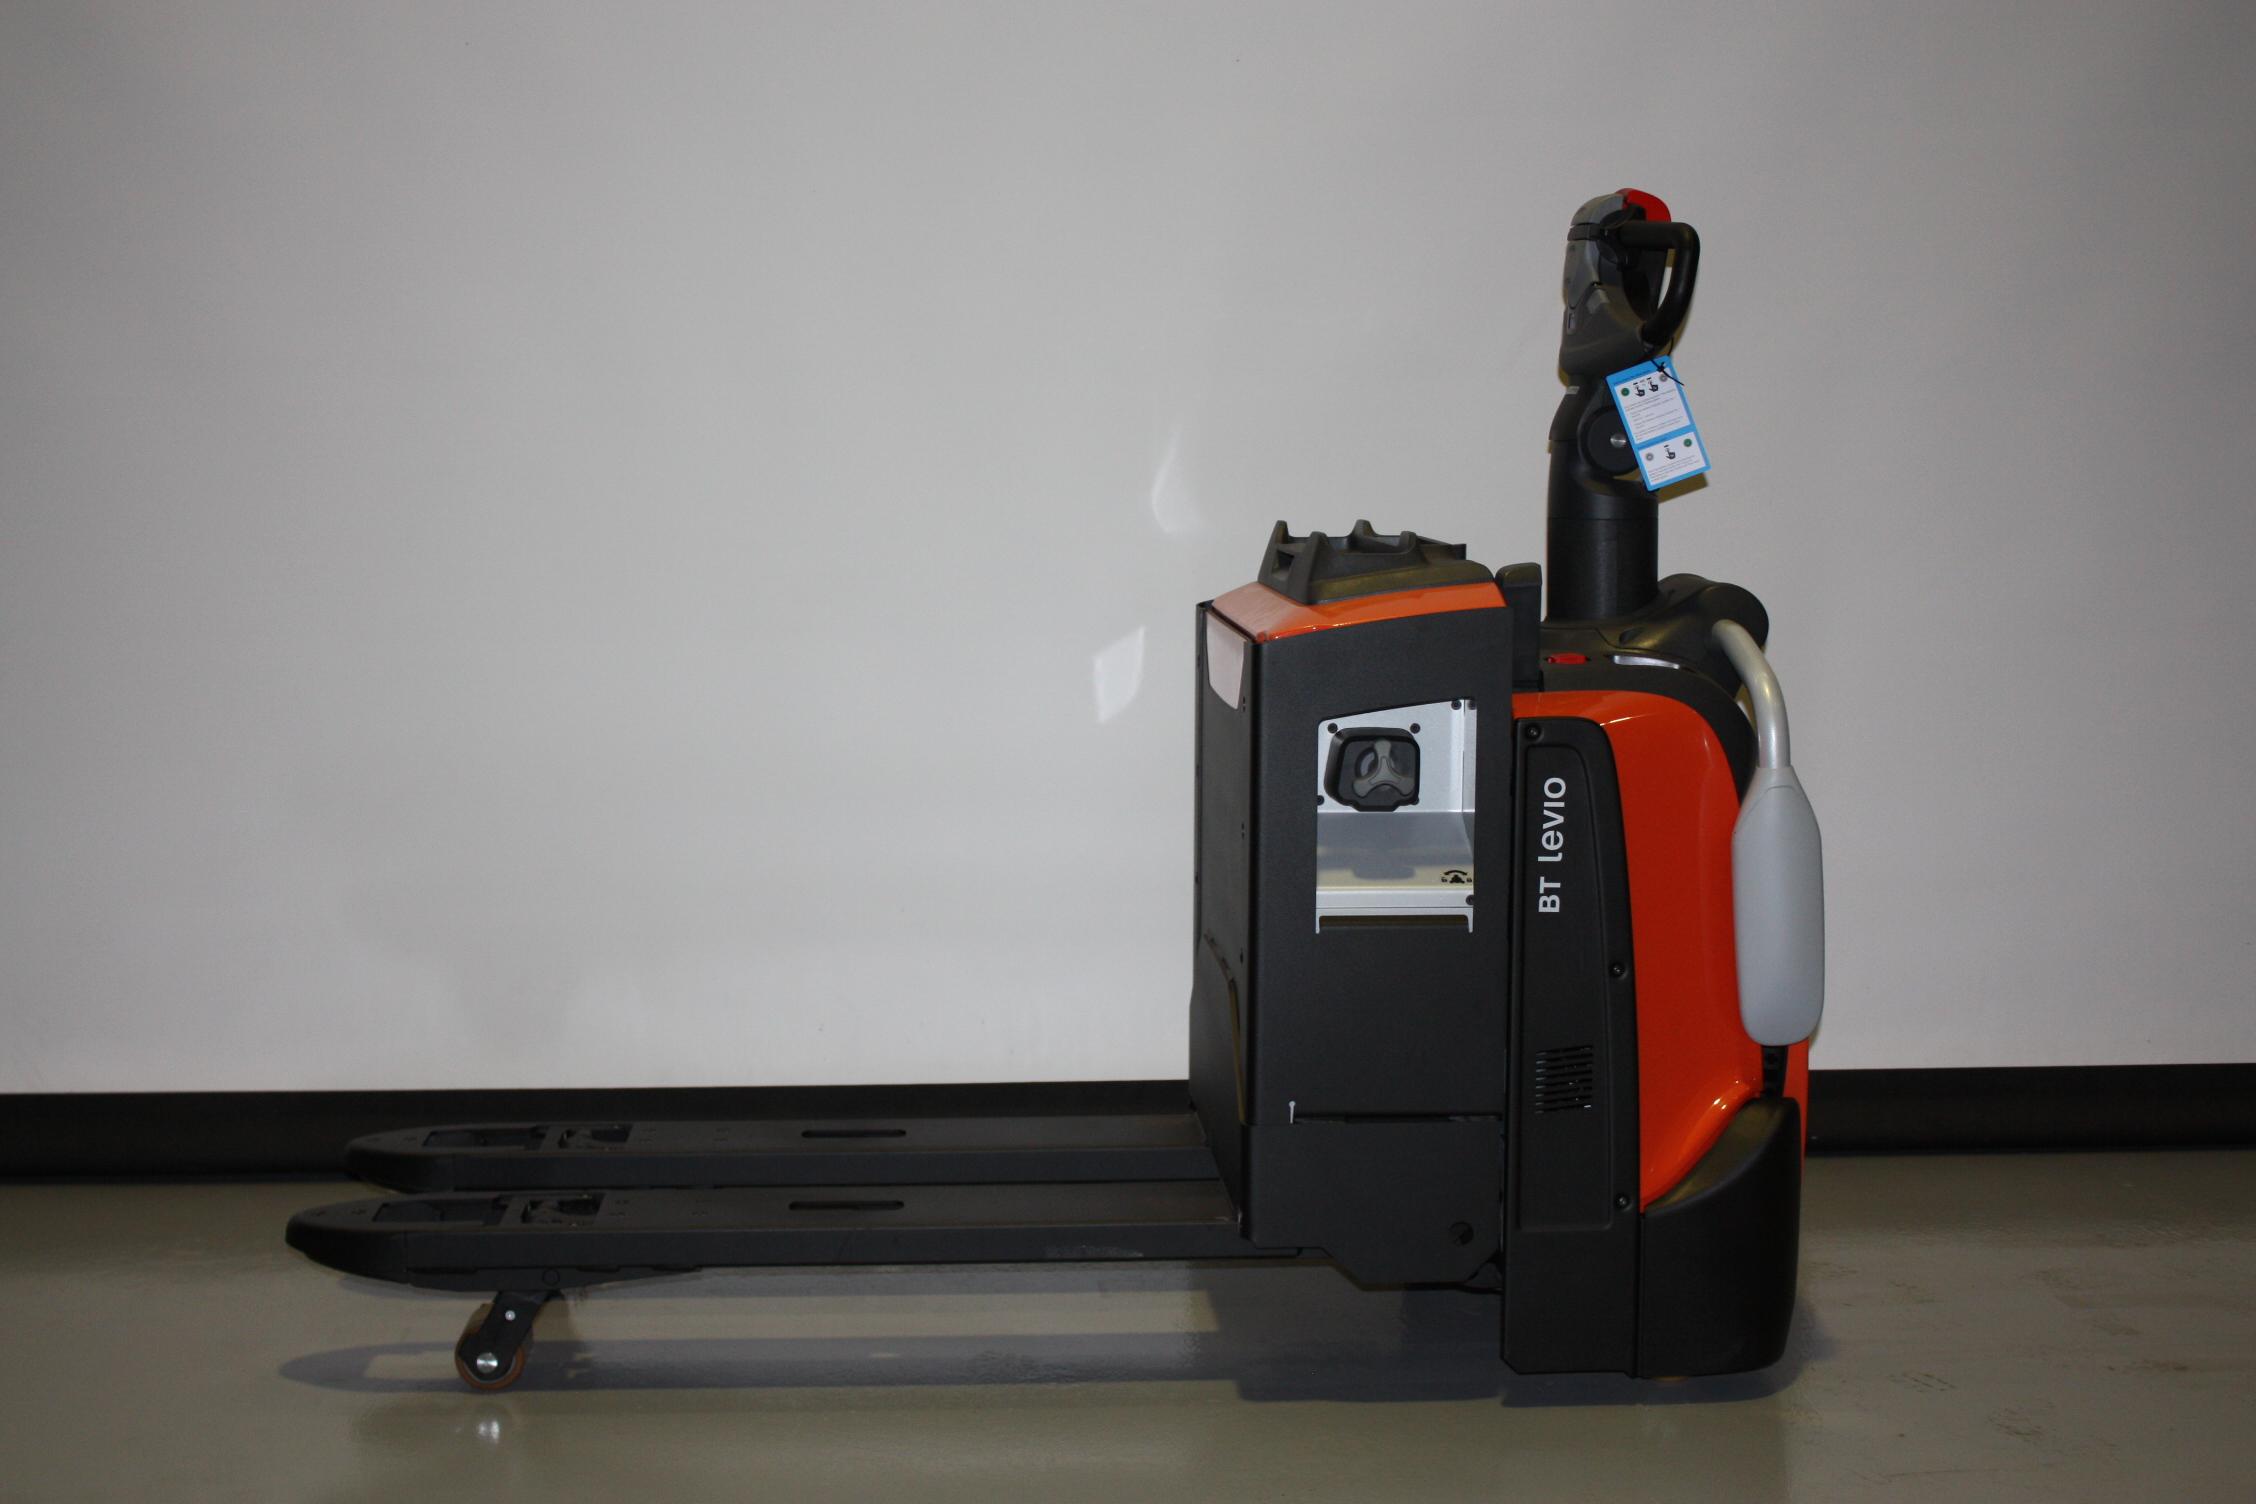 Toyota-Gabelstapler-59840 2007008529 1 3